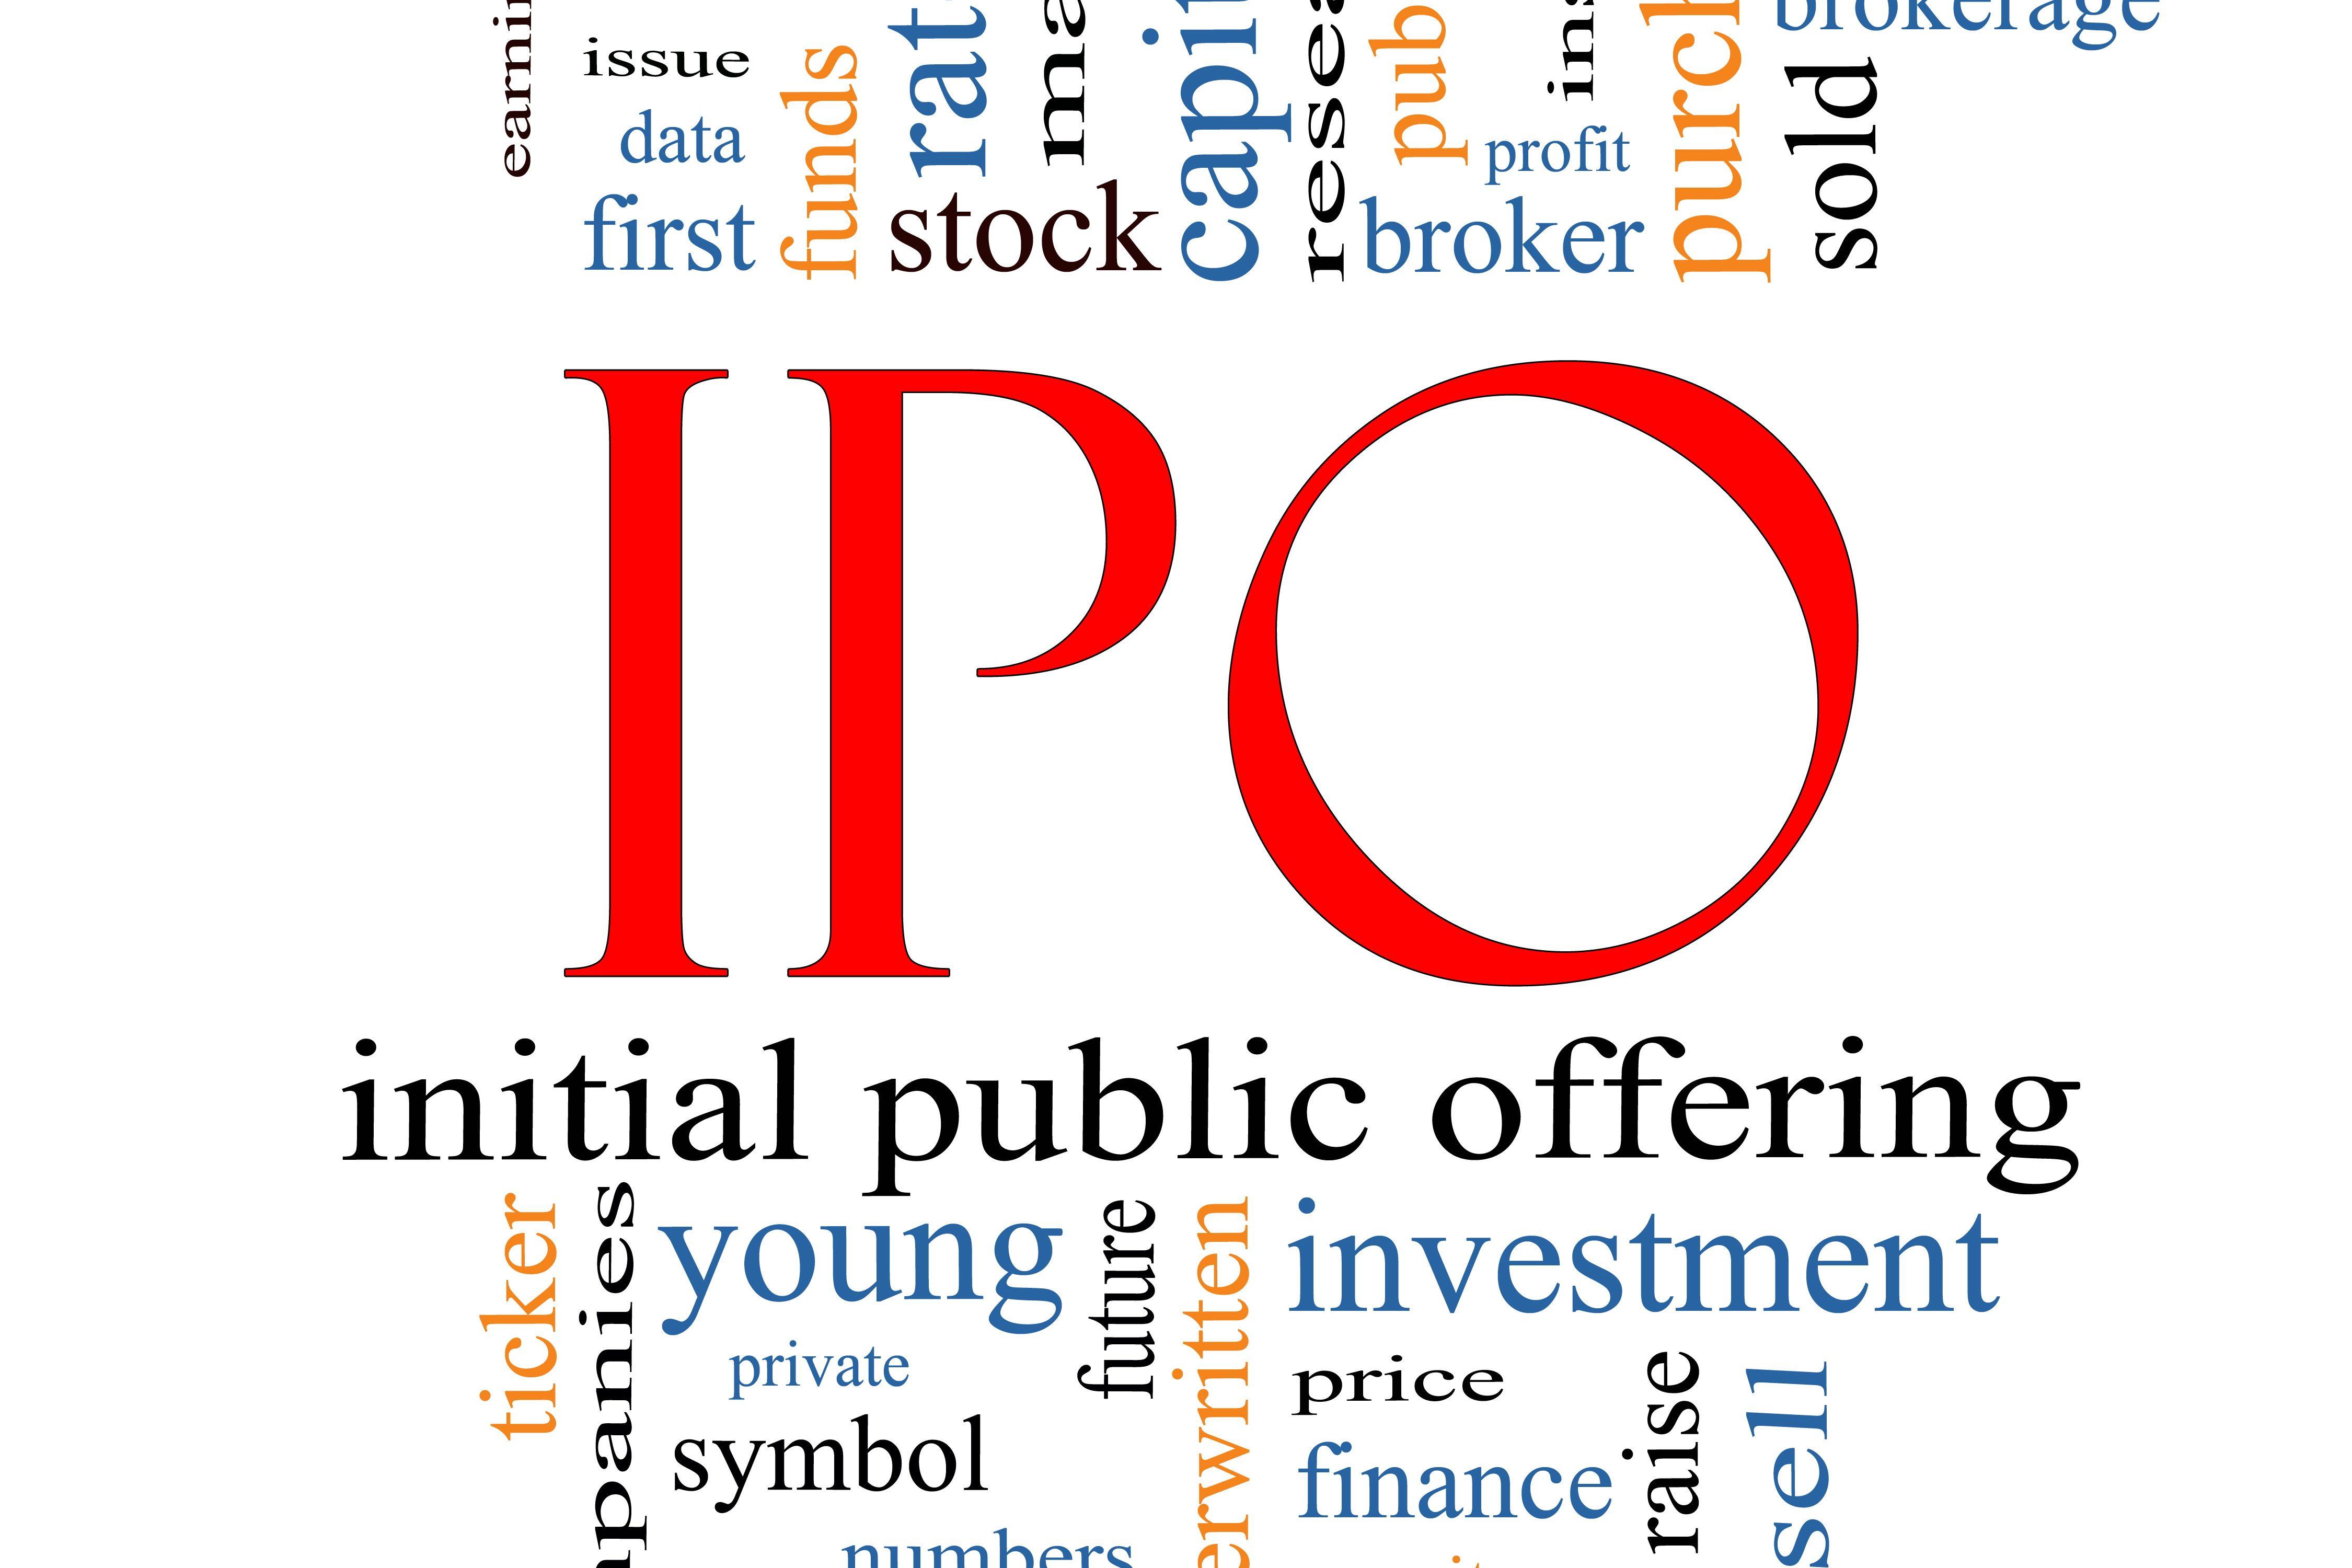 ipo process in india pdf